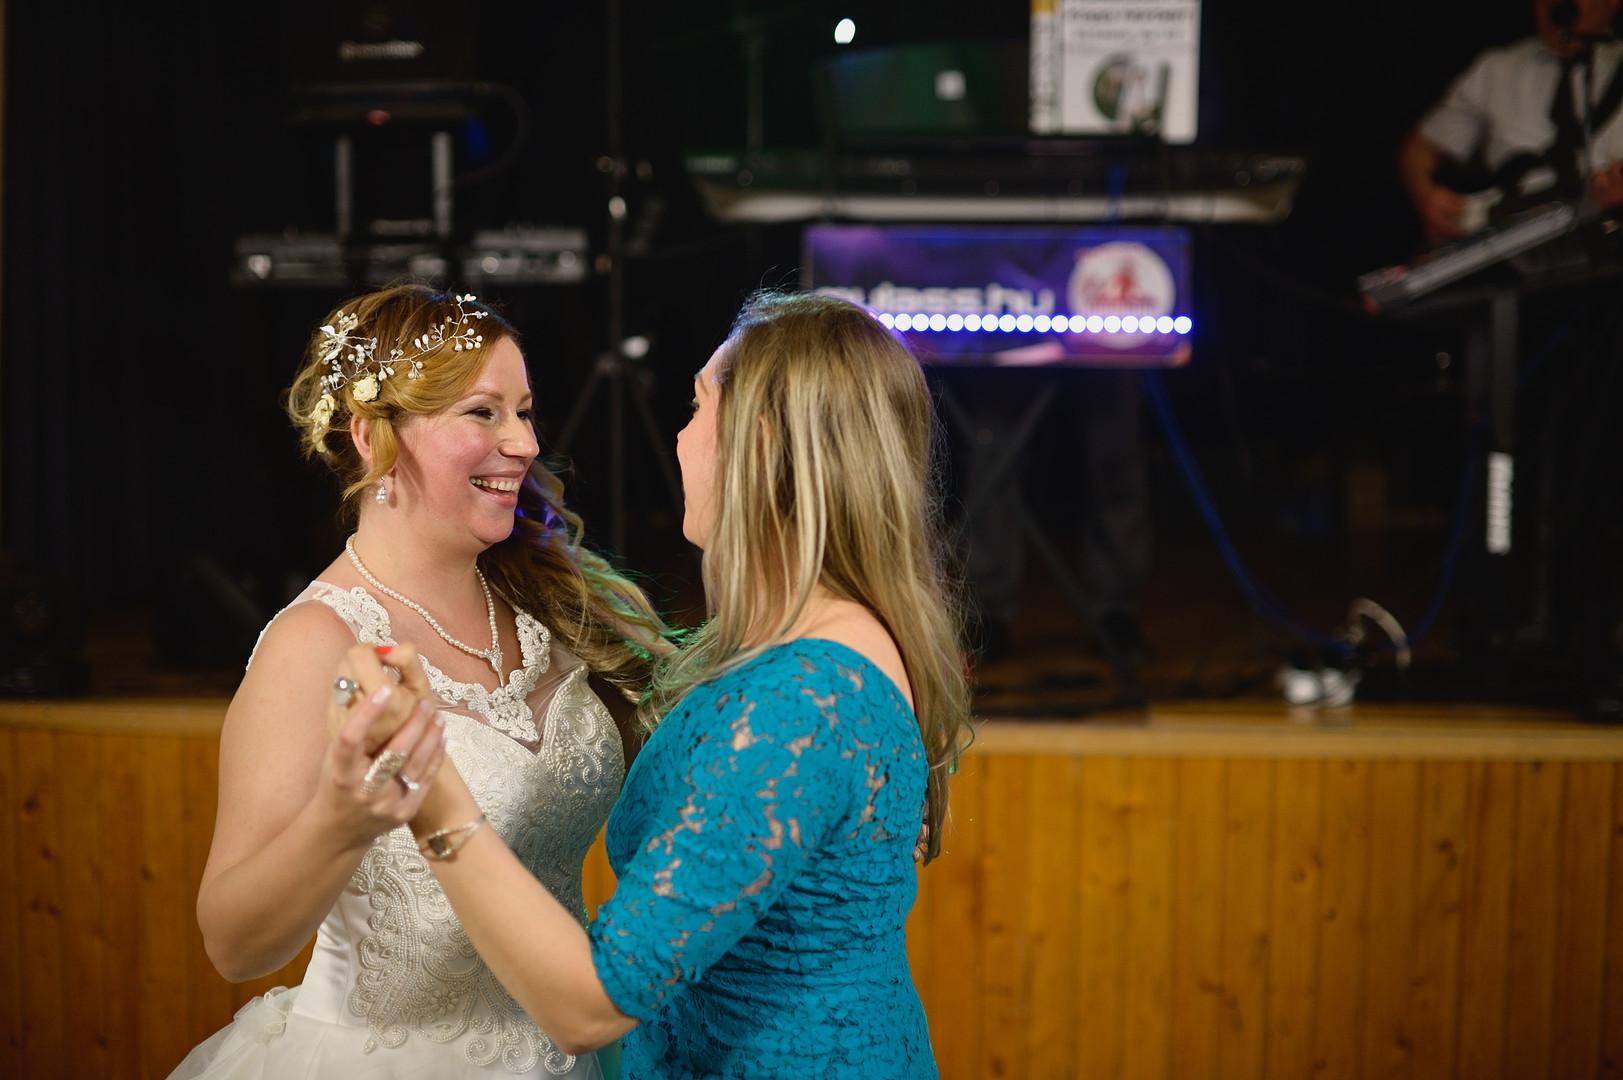 697  Esküvői fotózás - Enikő és Peti Bul